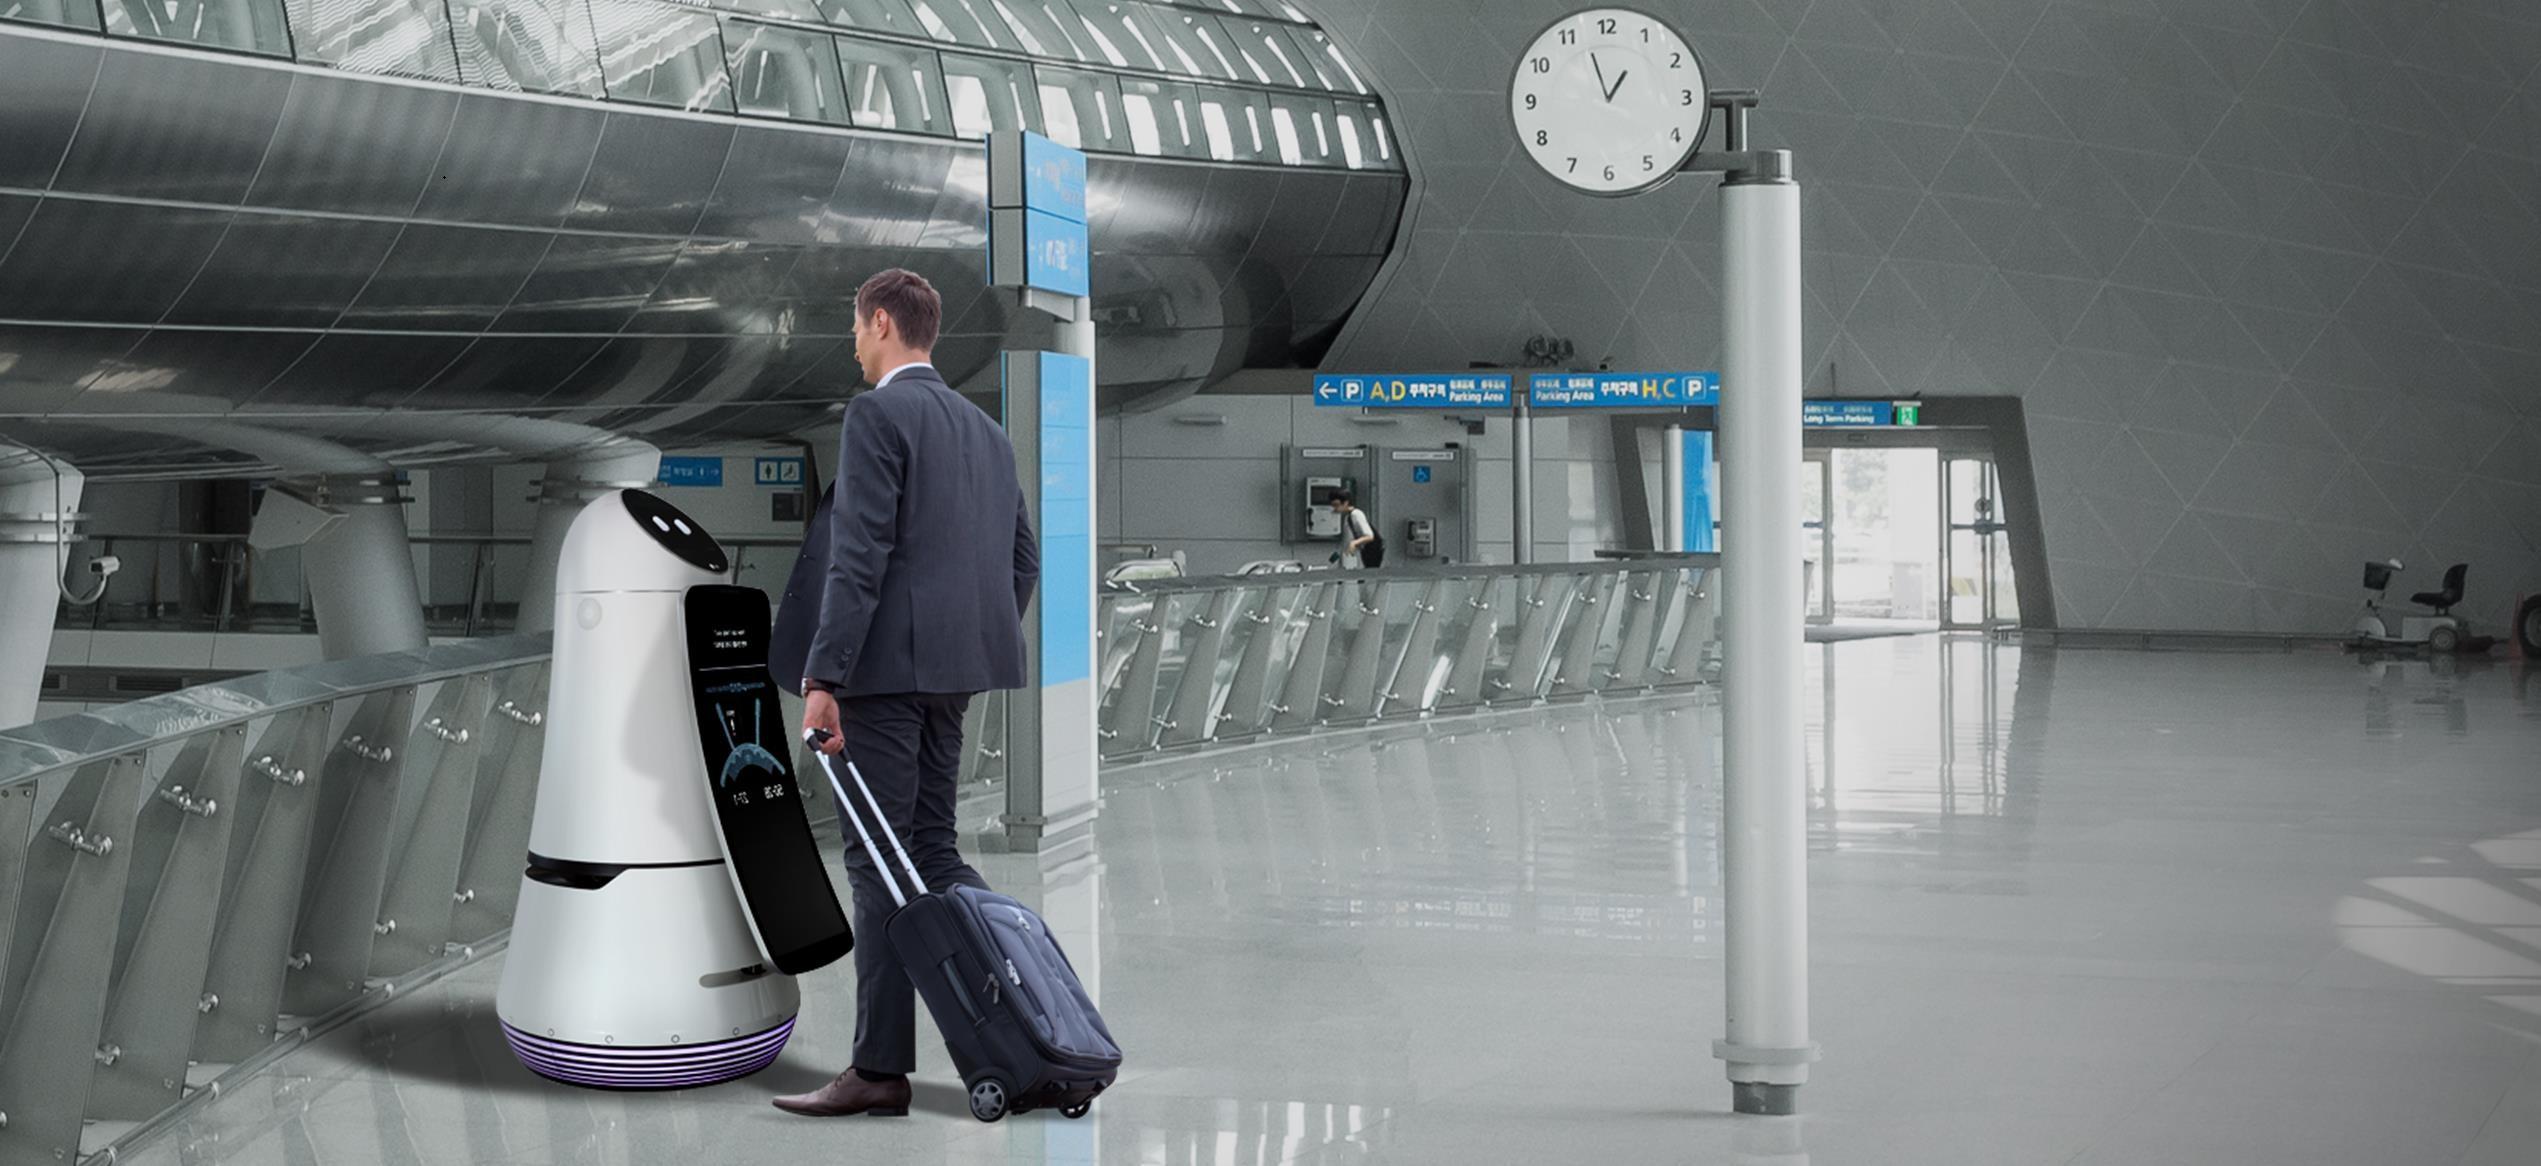 A imagem mostra um passageiro interagindo com o robô guia no meio do aeroporto